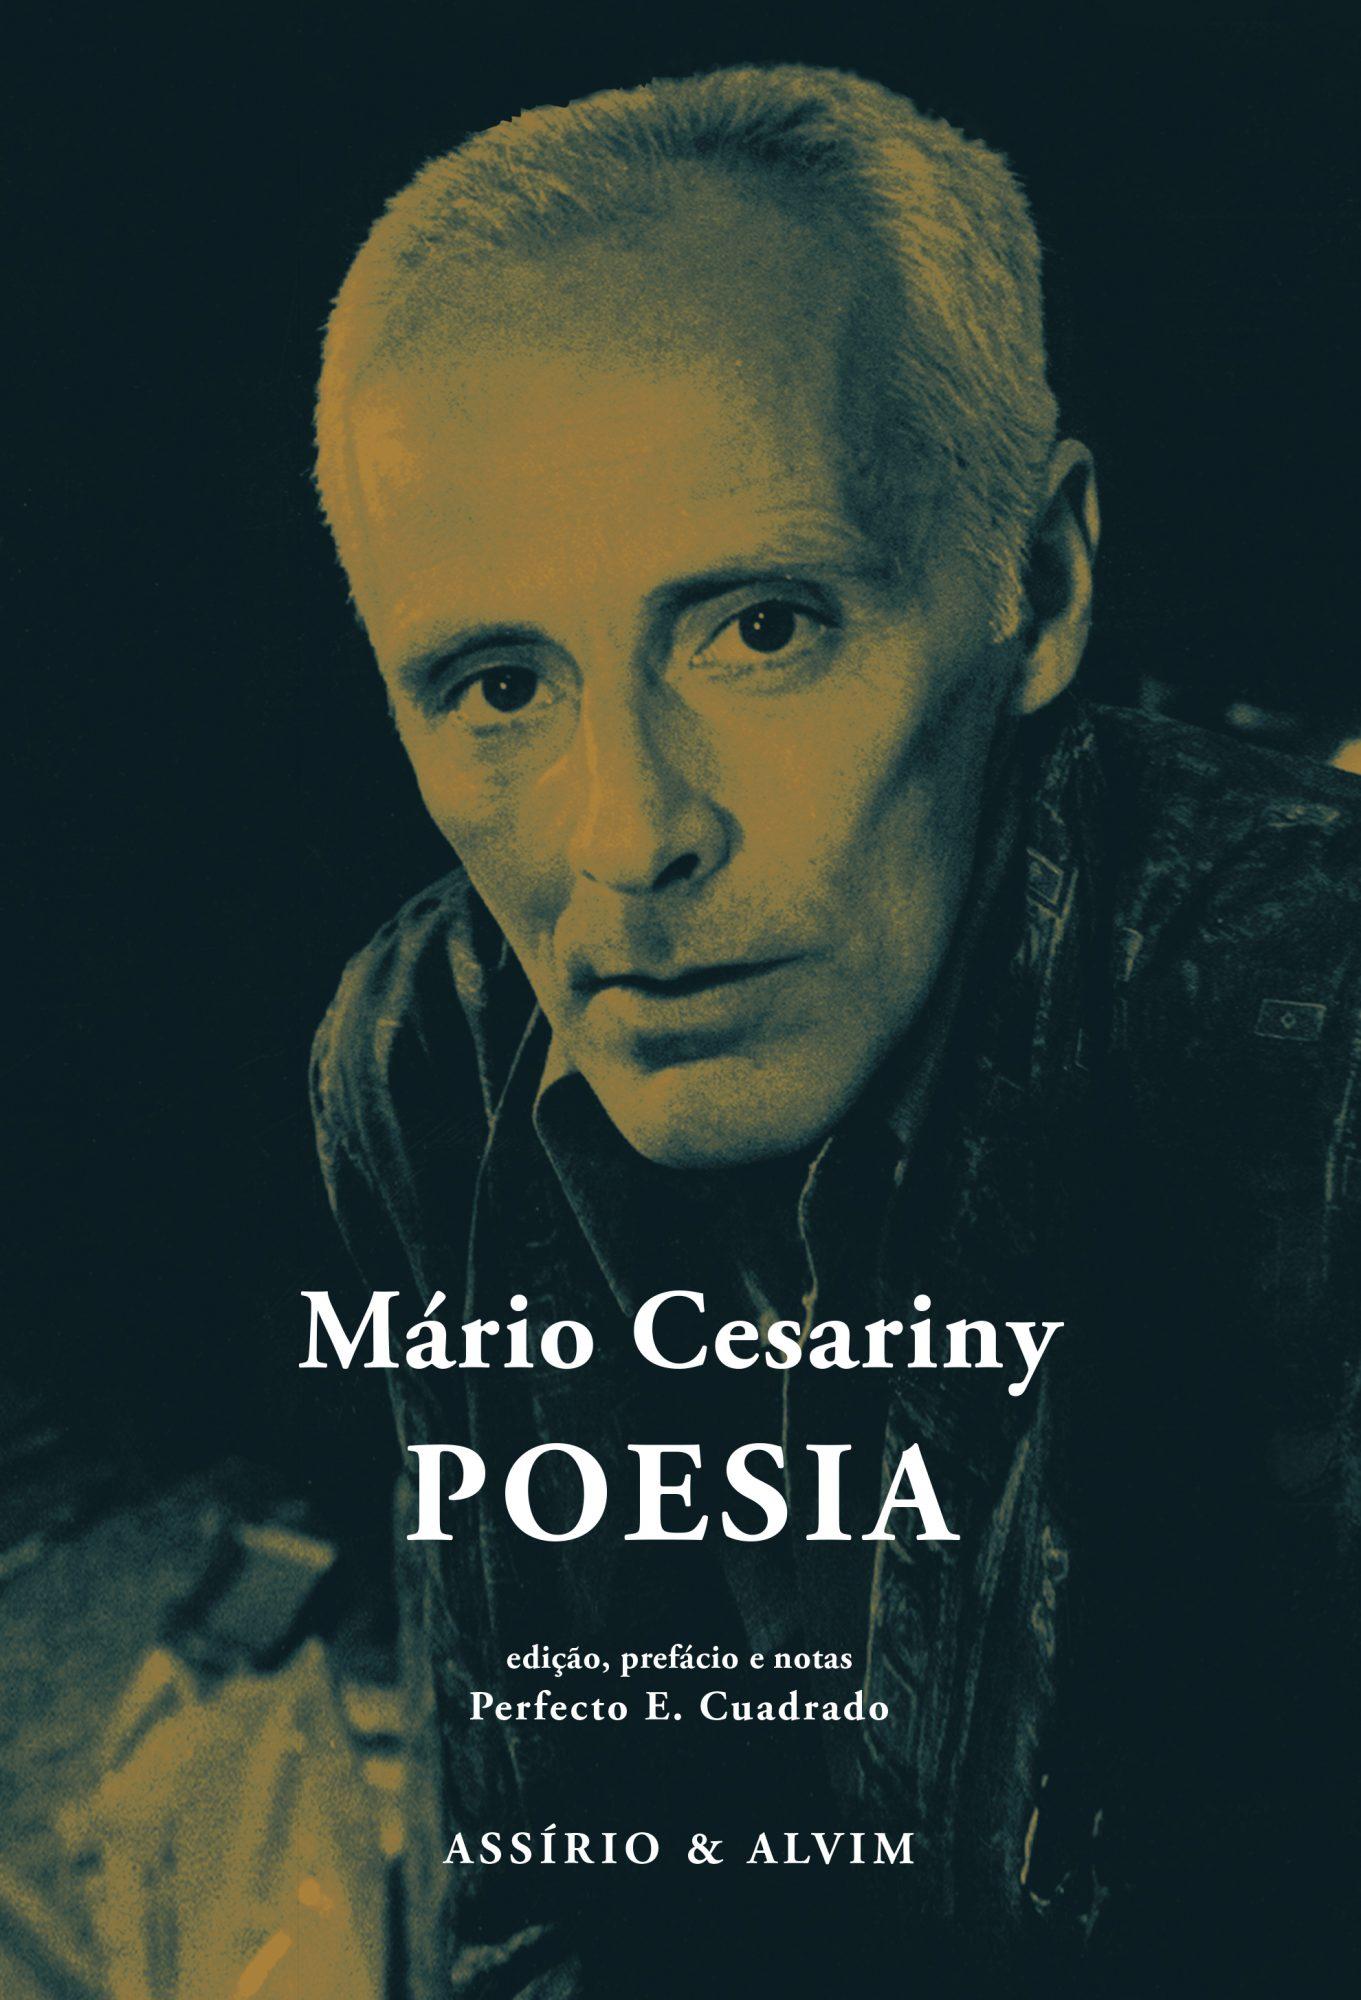 Mario Cesariny museu